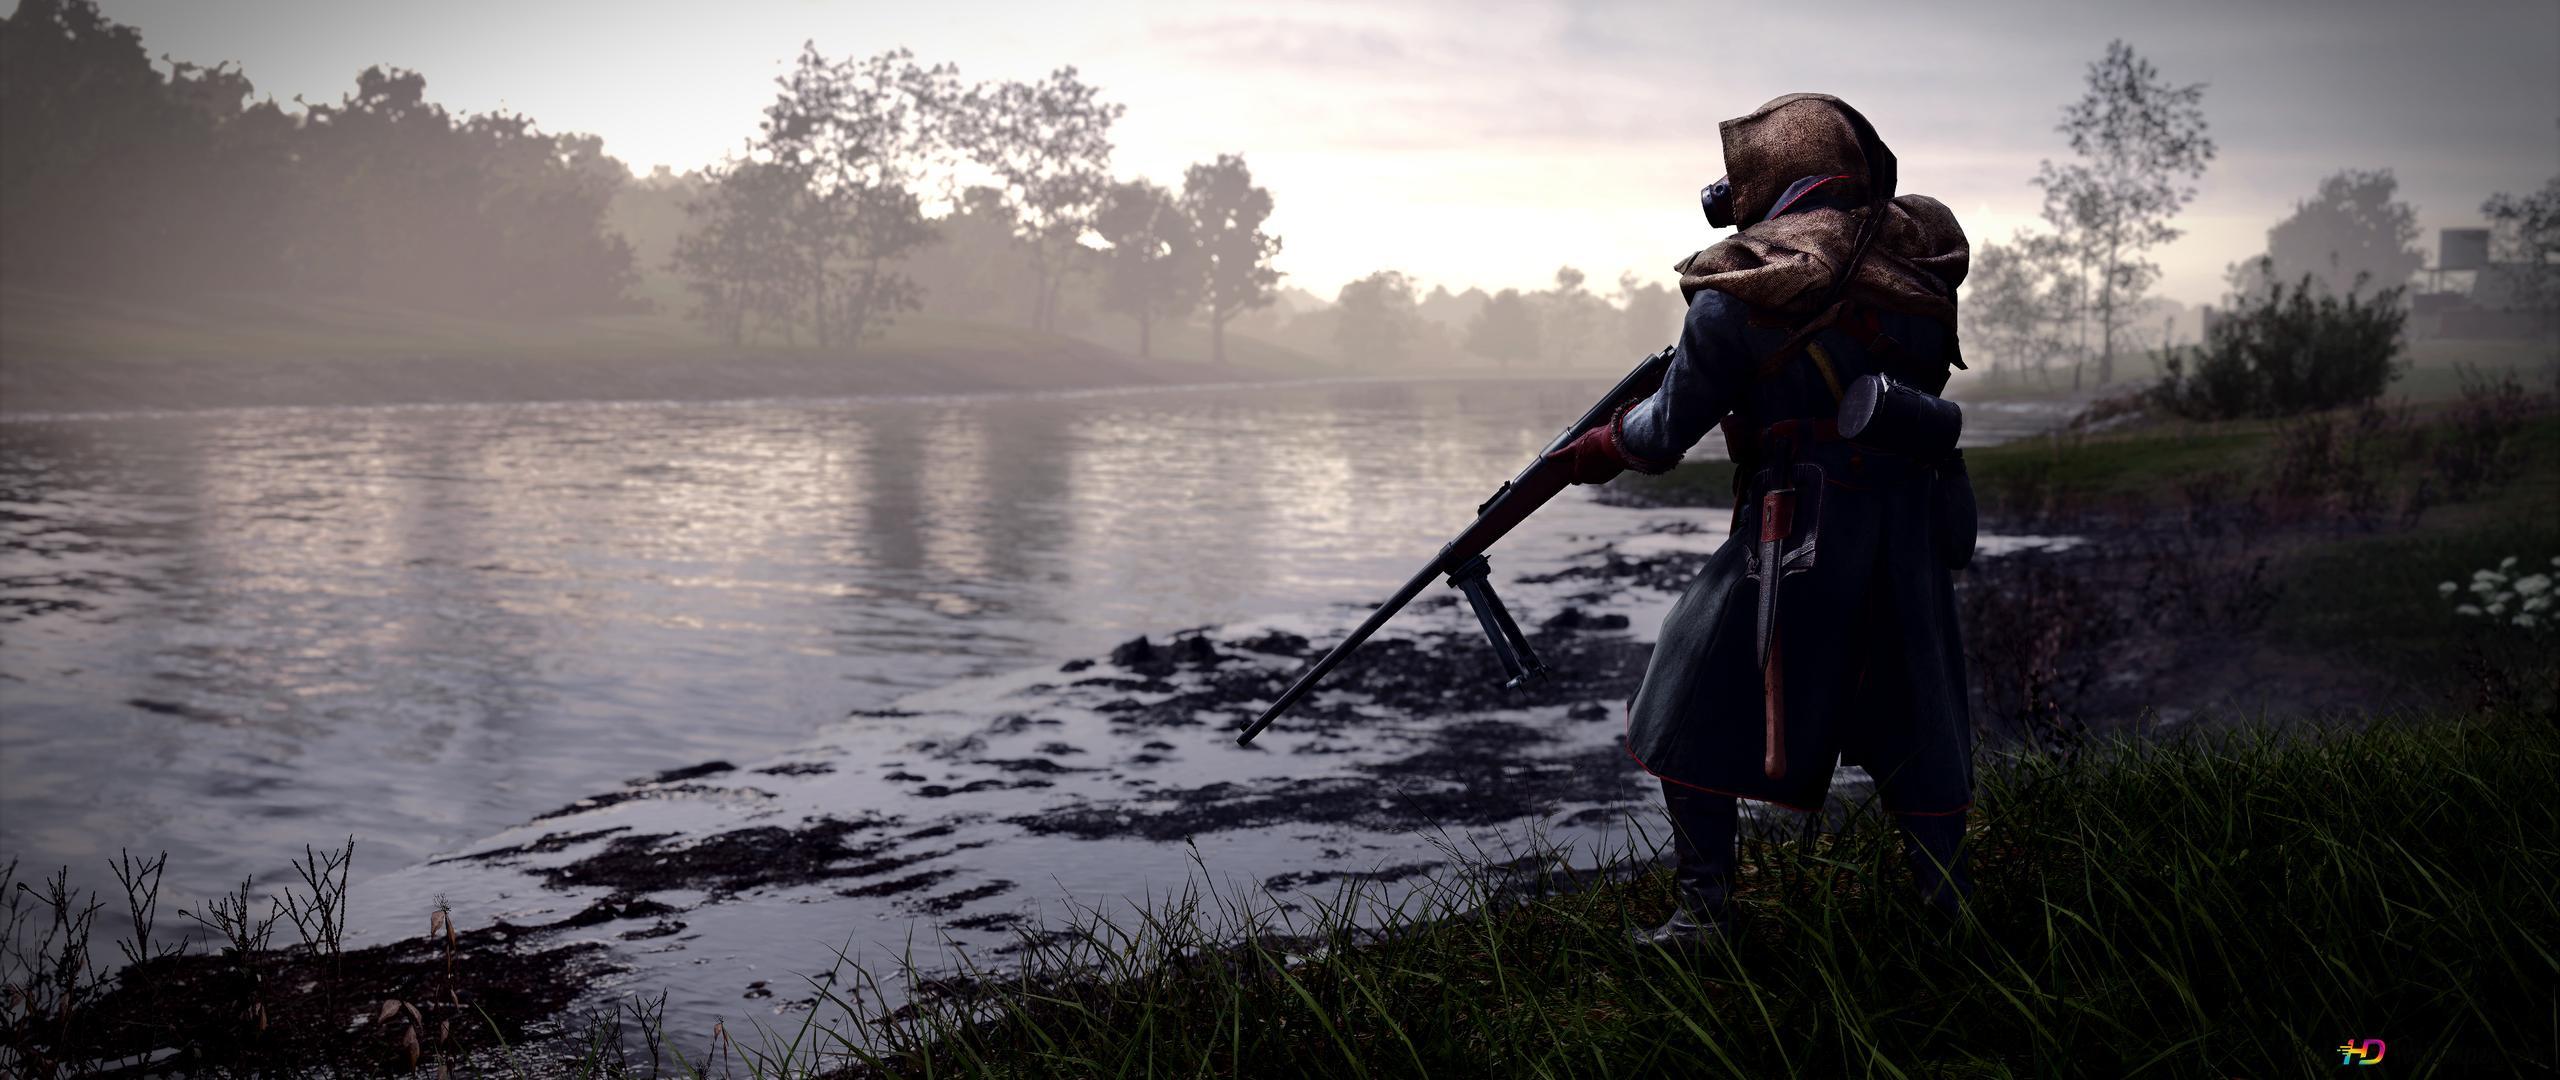 Battlefield 1 HD wallpaper download